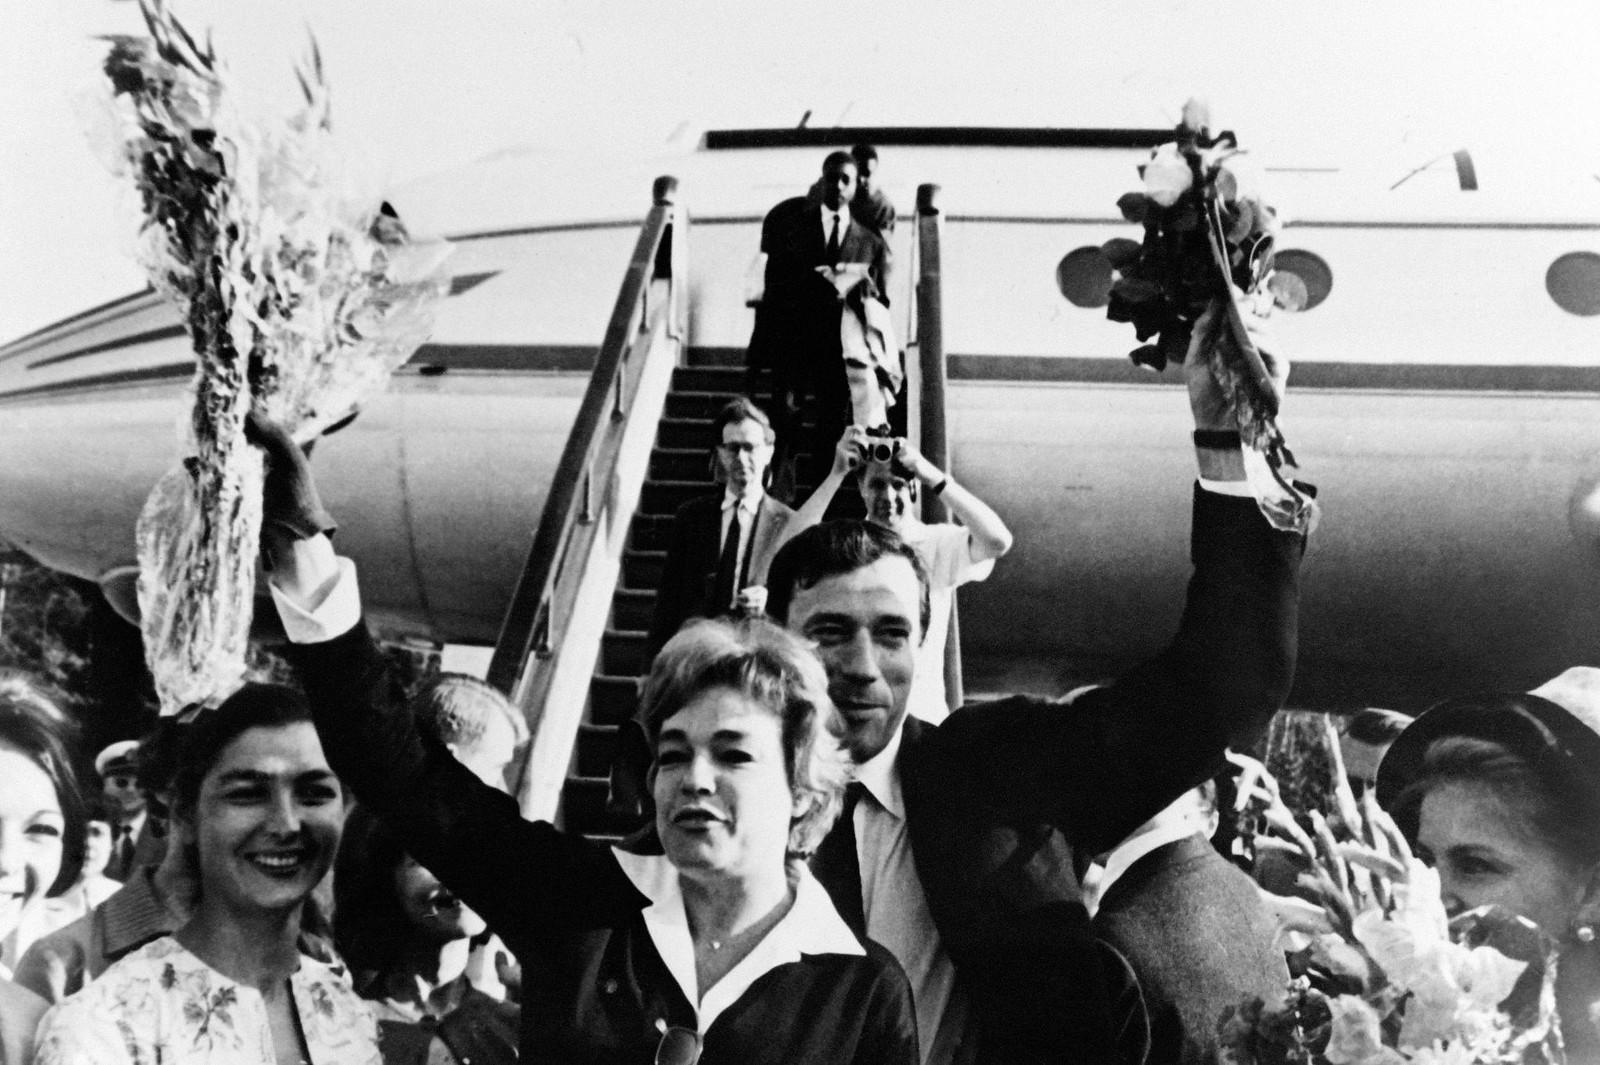 07. Симона Синьоре и Ив Монтан прибывают в аэропорт Москвы из Парижа для участия в Московском международном кинофестивале